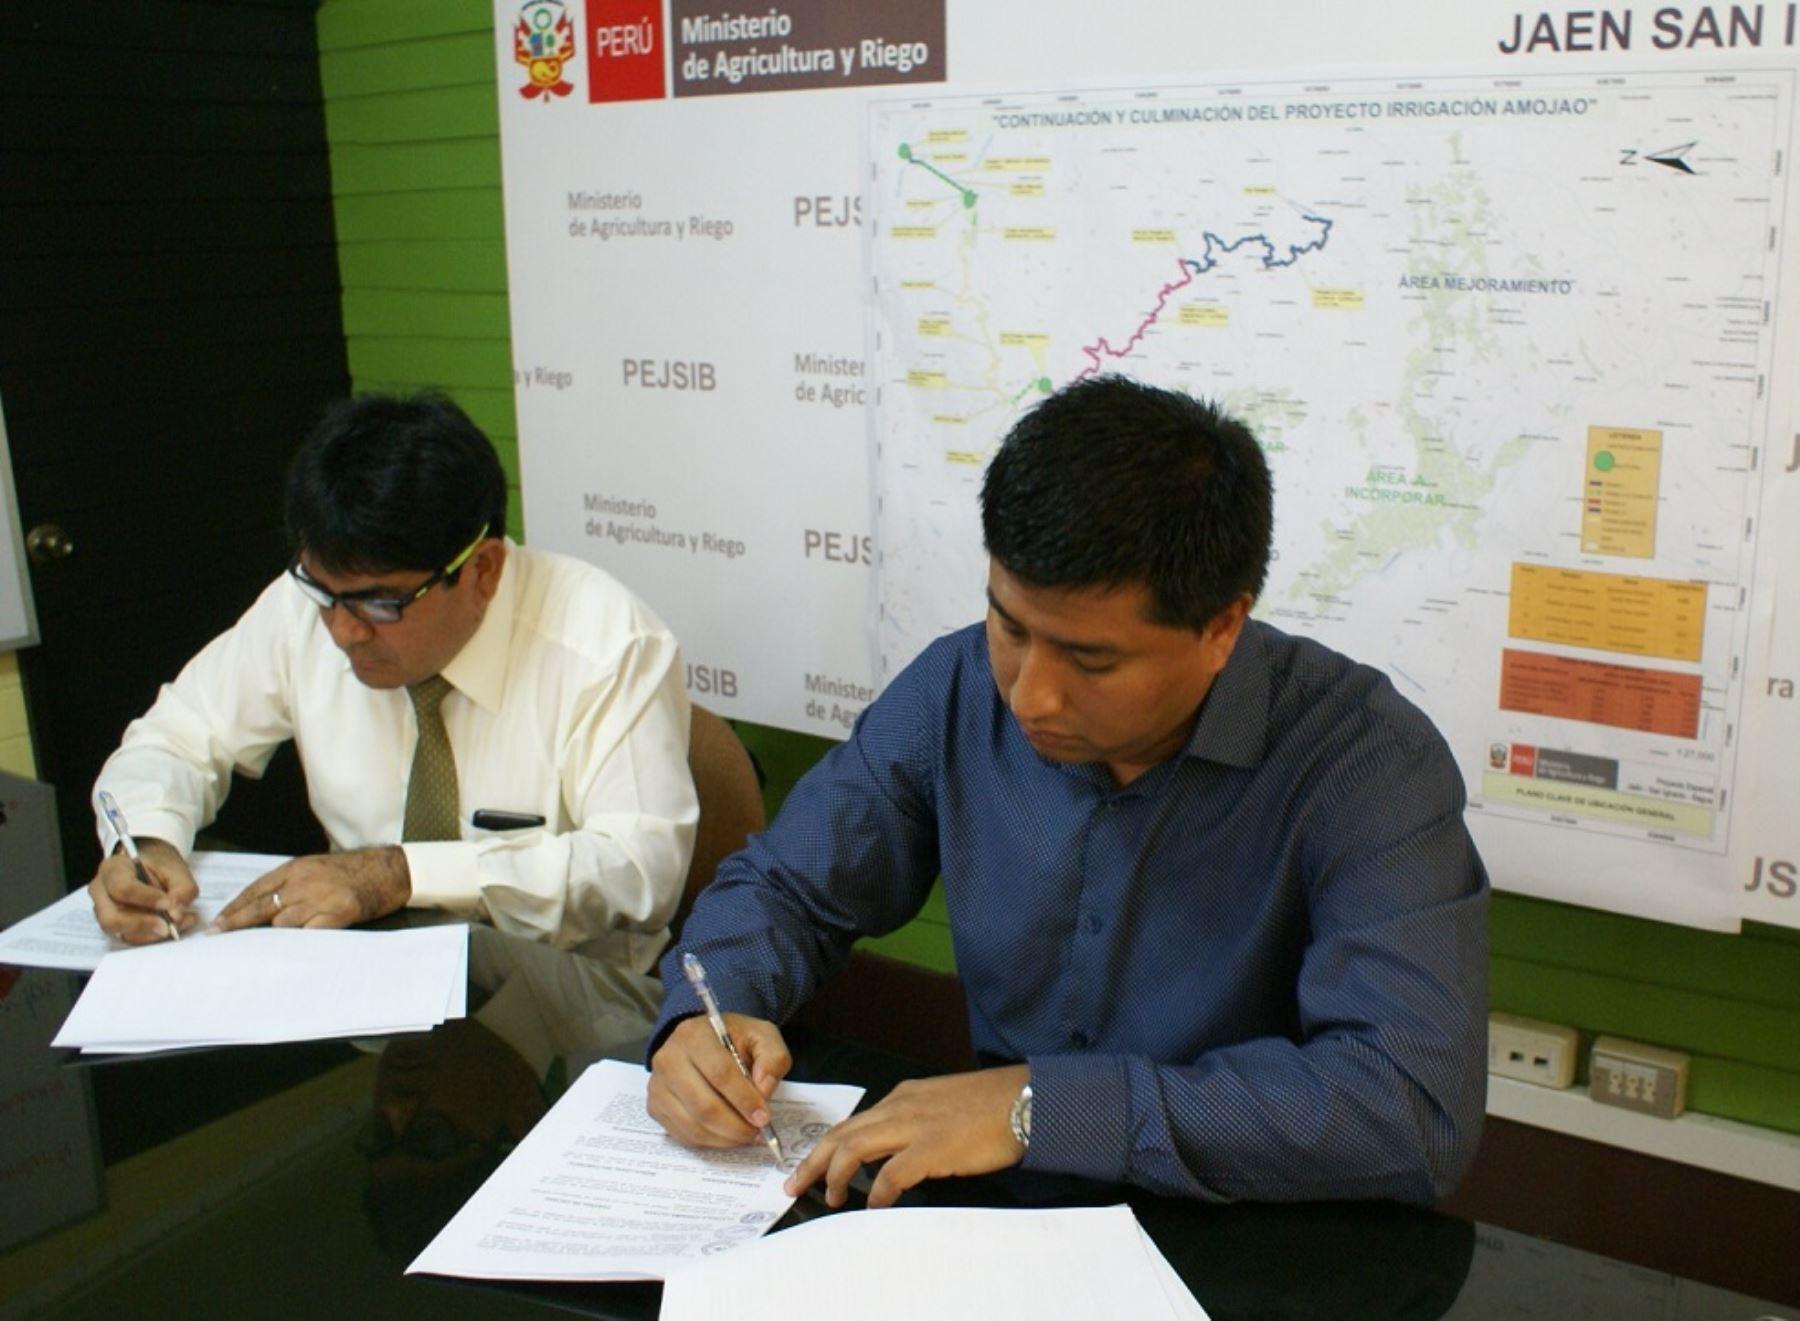 Firma del contrato para construir proyecto de irrigación Amojao en Amazonas. Foto:Minagri.